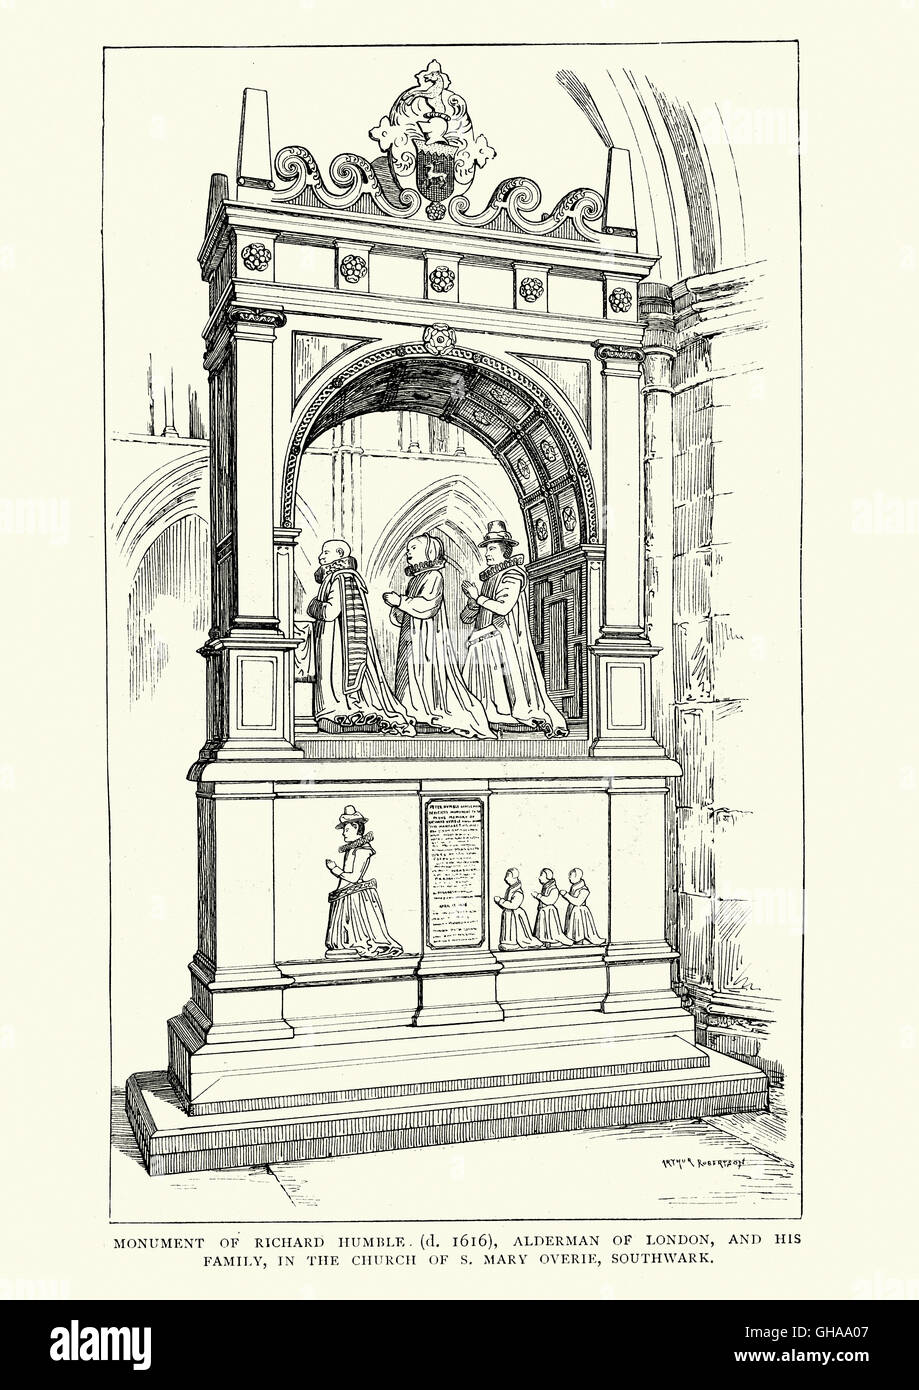 Un monumento di Richard umile (d. 1616), assessore di Londra e la sua famiglia, la chiesa di St Mary Overie, Southwark Immagini Stock